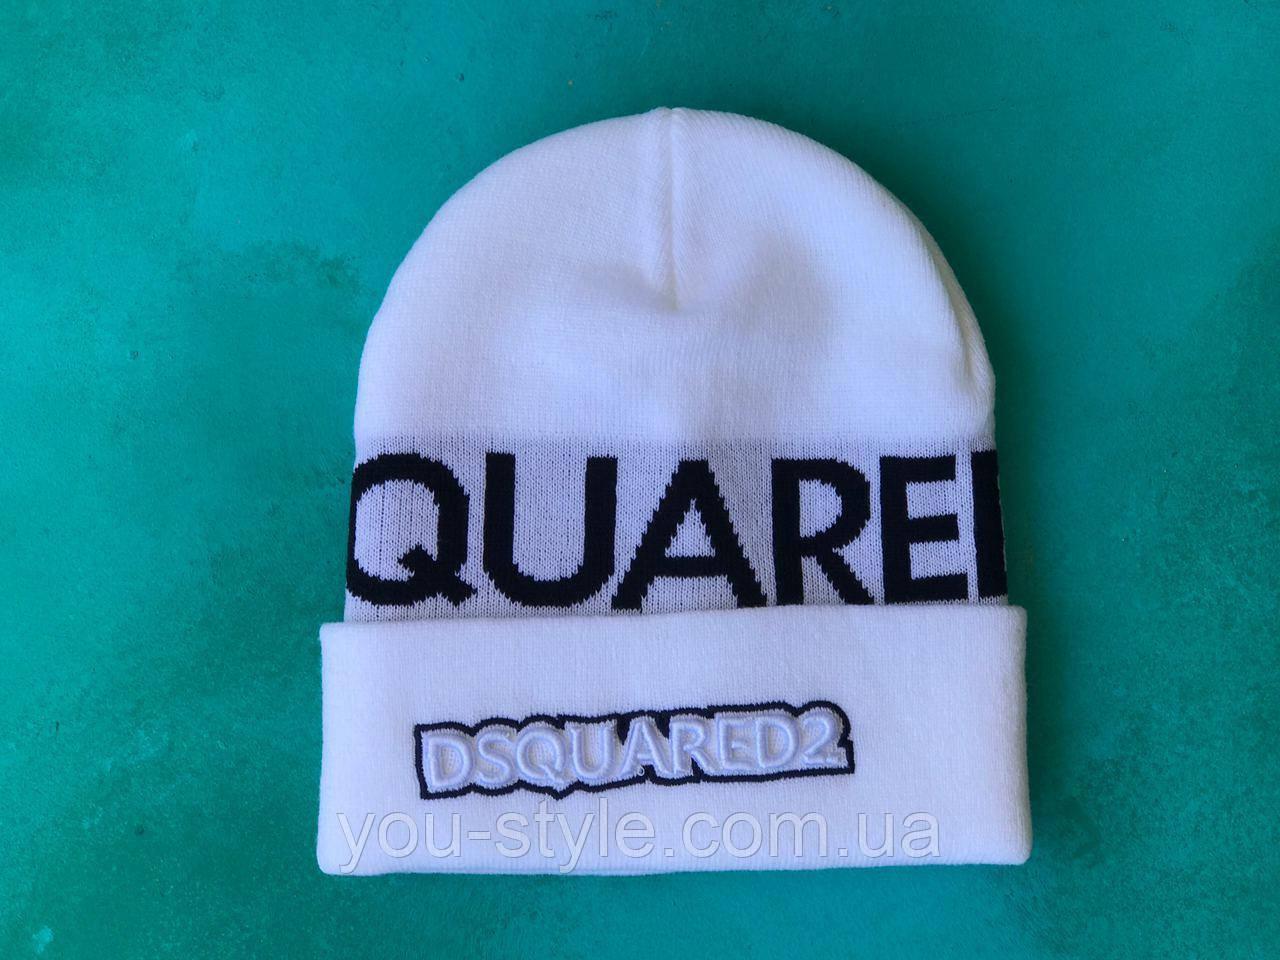 Шапка Dsquared2  / шапка дискваред / шапка женская/шапка мужская/белый